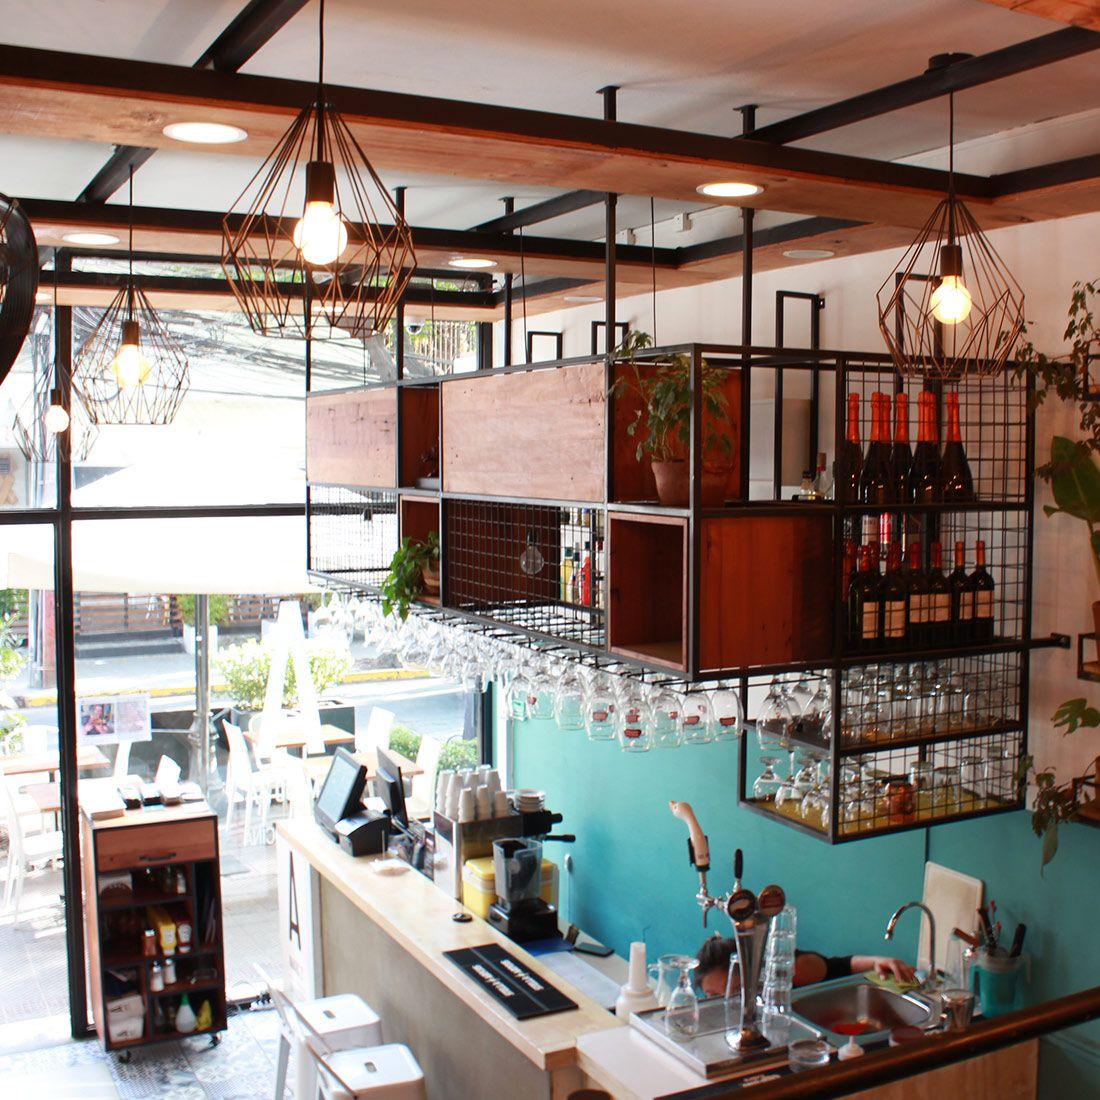 AMADO 27 Restaurante - Reserva en restaurantes de Comida SANDWICHES Y PIQUéOS - PROVIDENCIA - MESA 24/7 | SANTIAGO - Perú